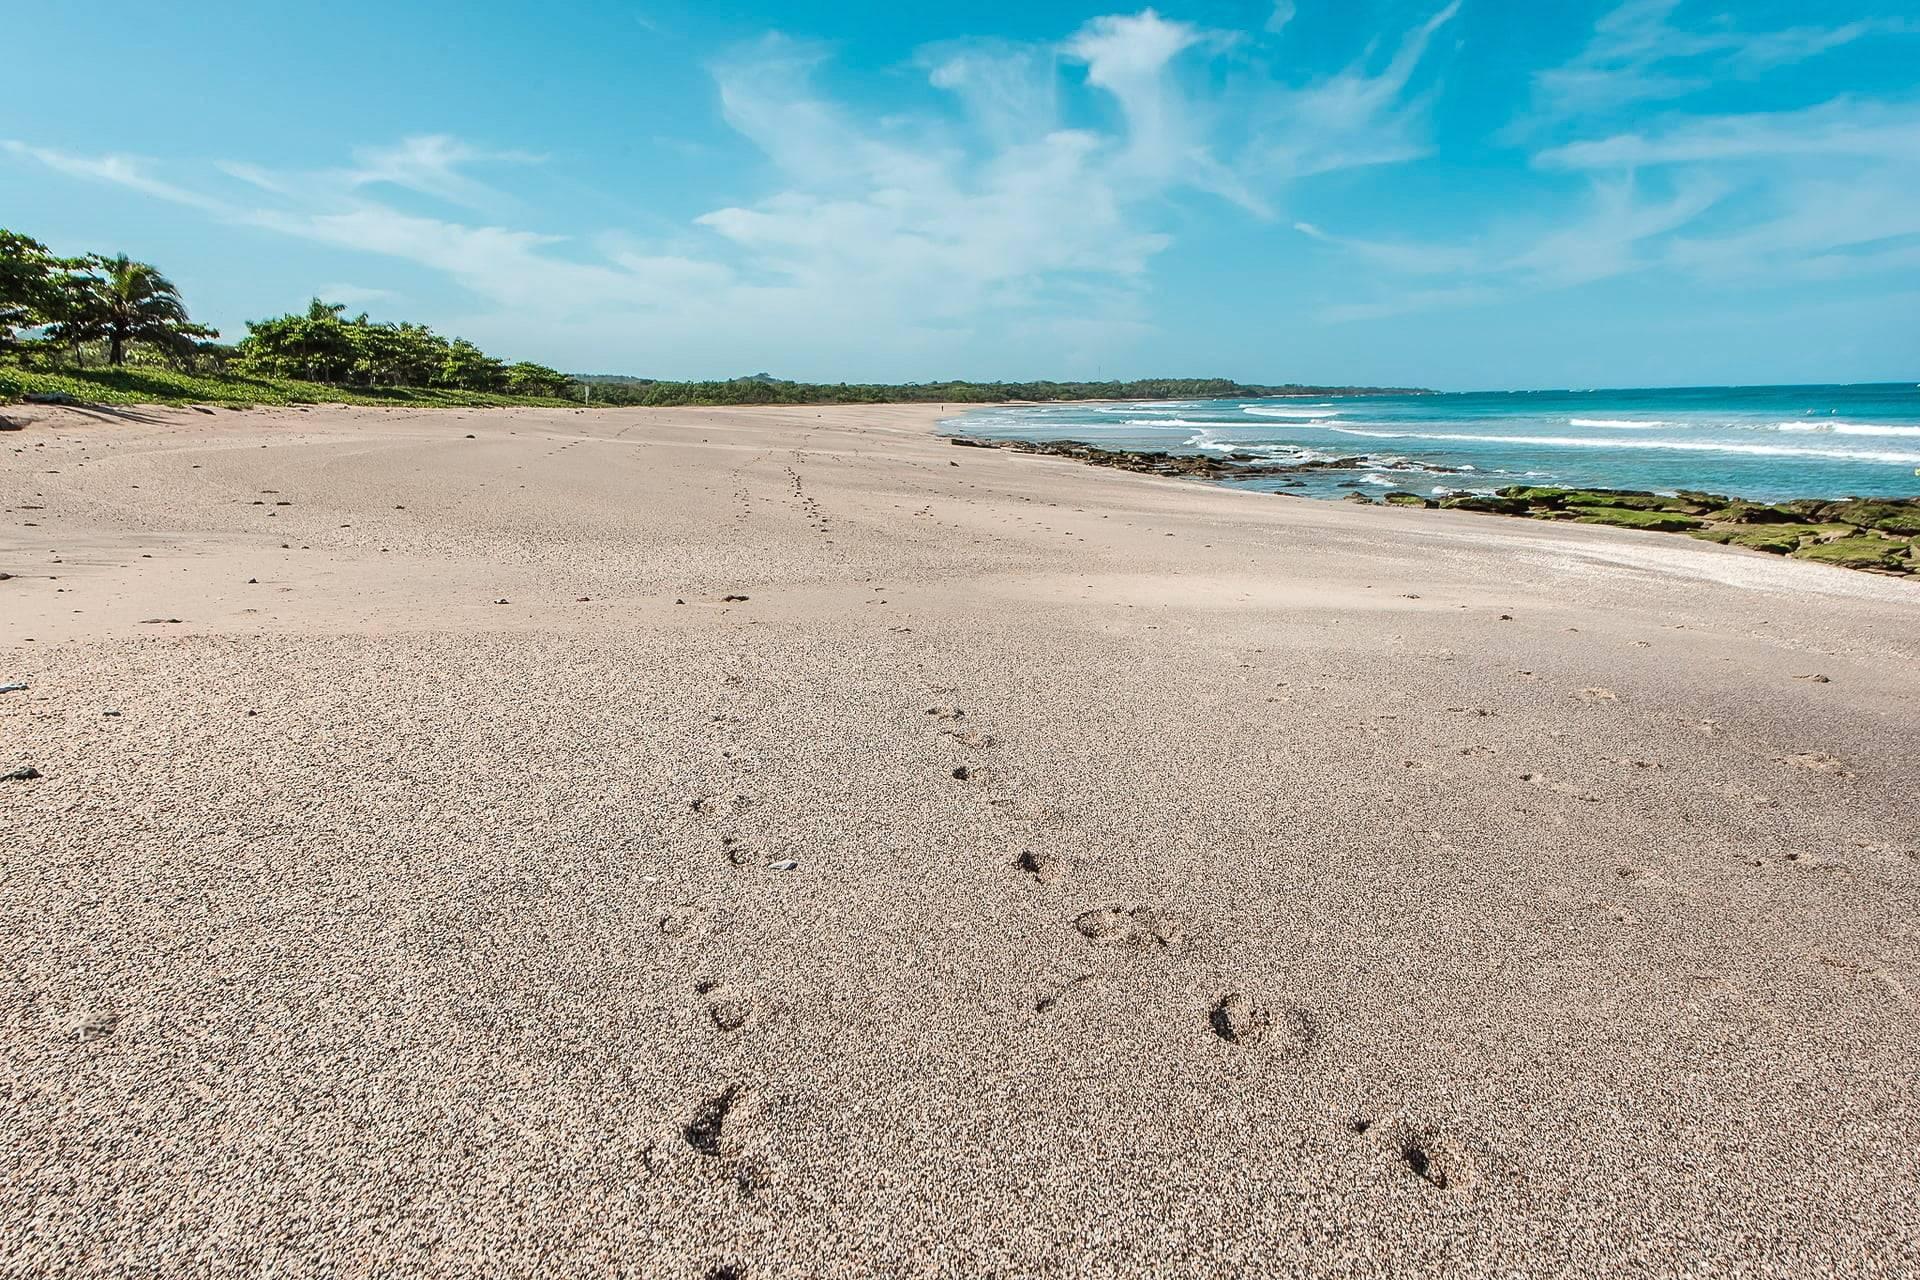 Playa Avellanas Costa Rica real estate